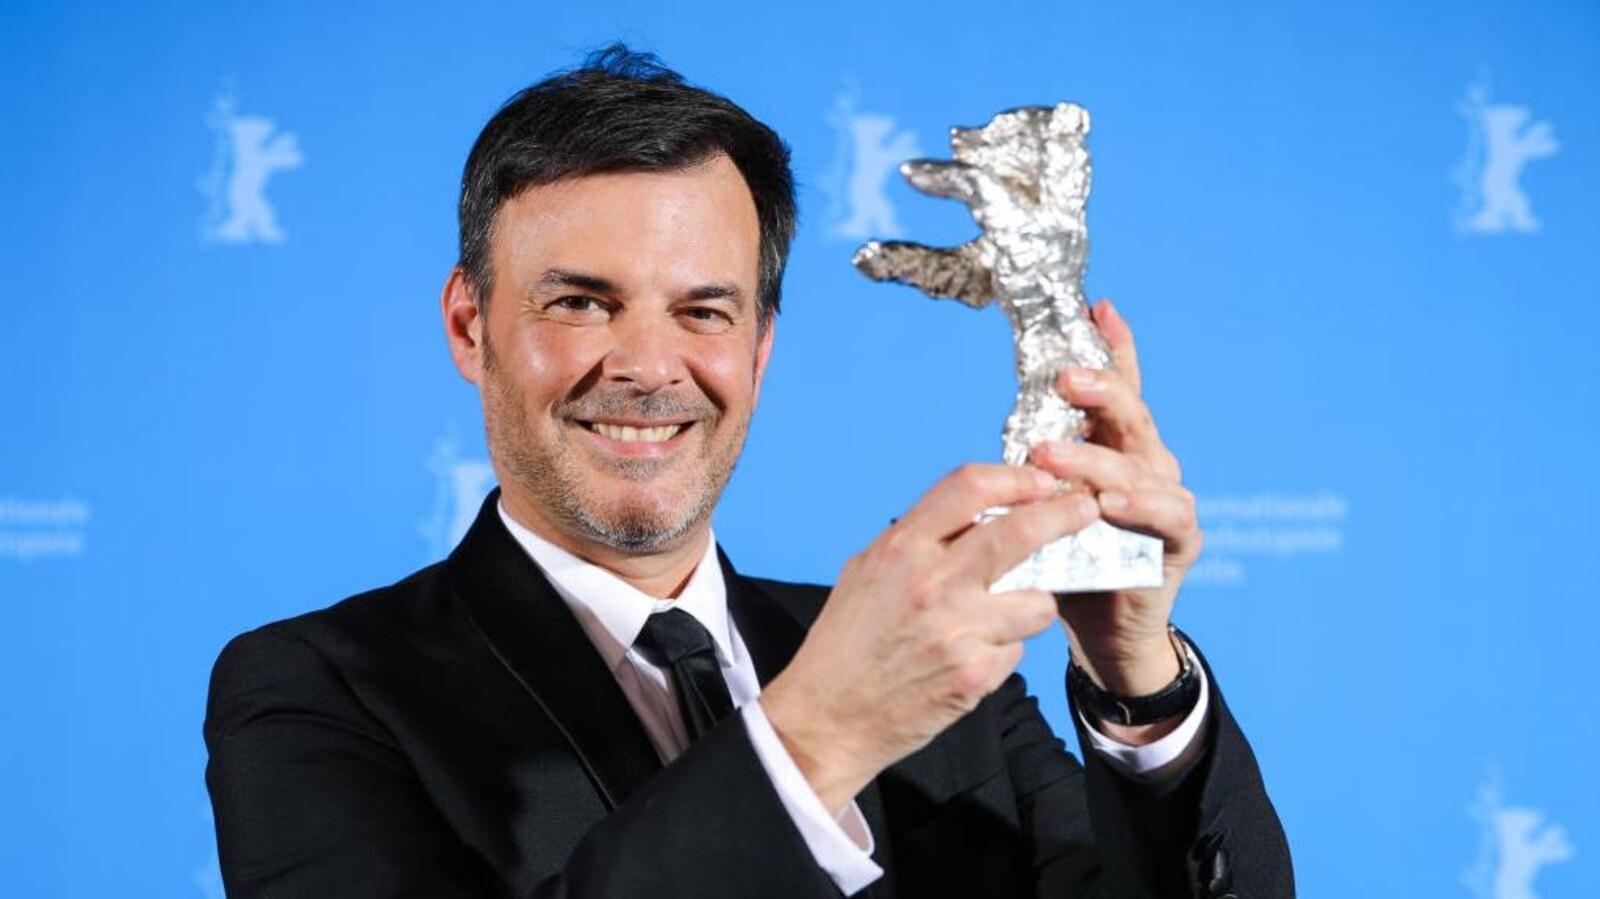 François Ozon tient une statuette en forme d'ours.